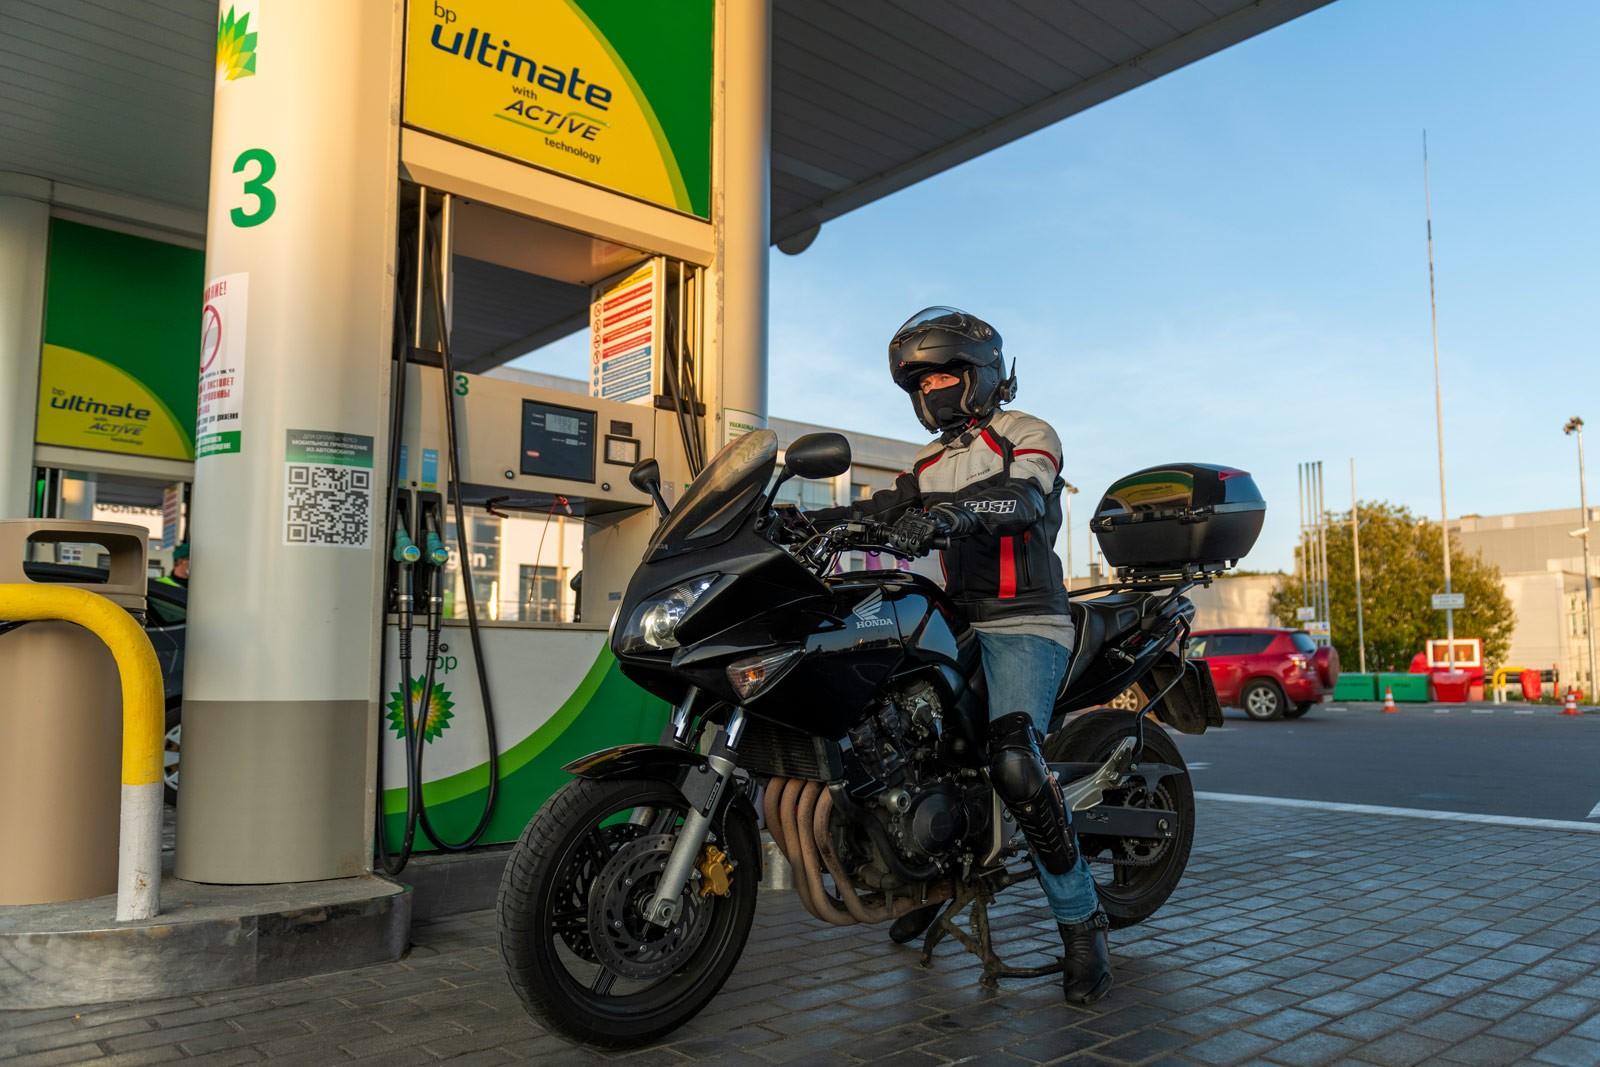 Для моторов с наддувом и непосредственным впрыском нужно особое топливо. Или это маркетинг? Разбираемся с bp